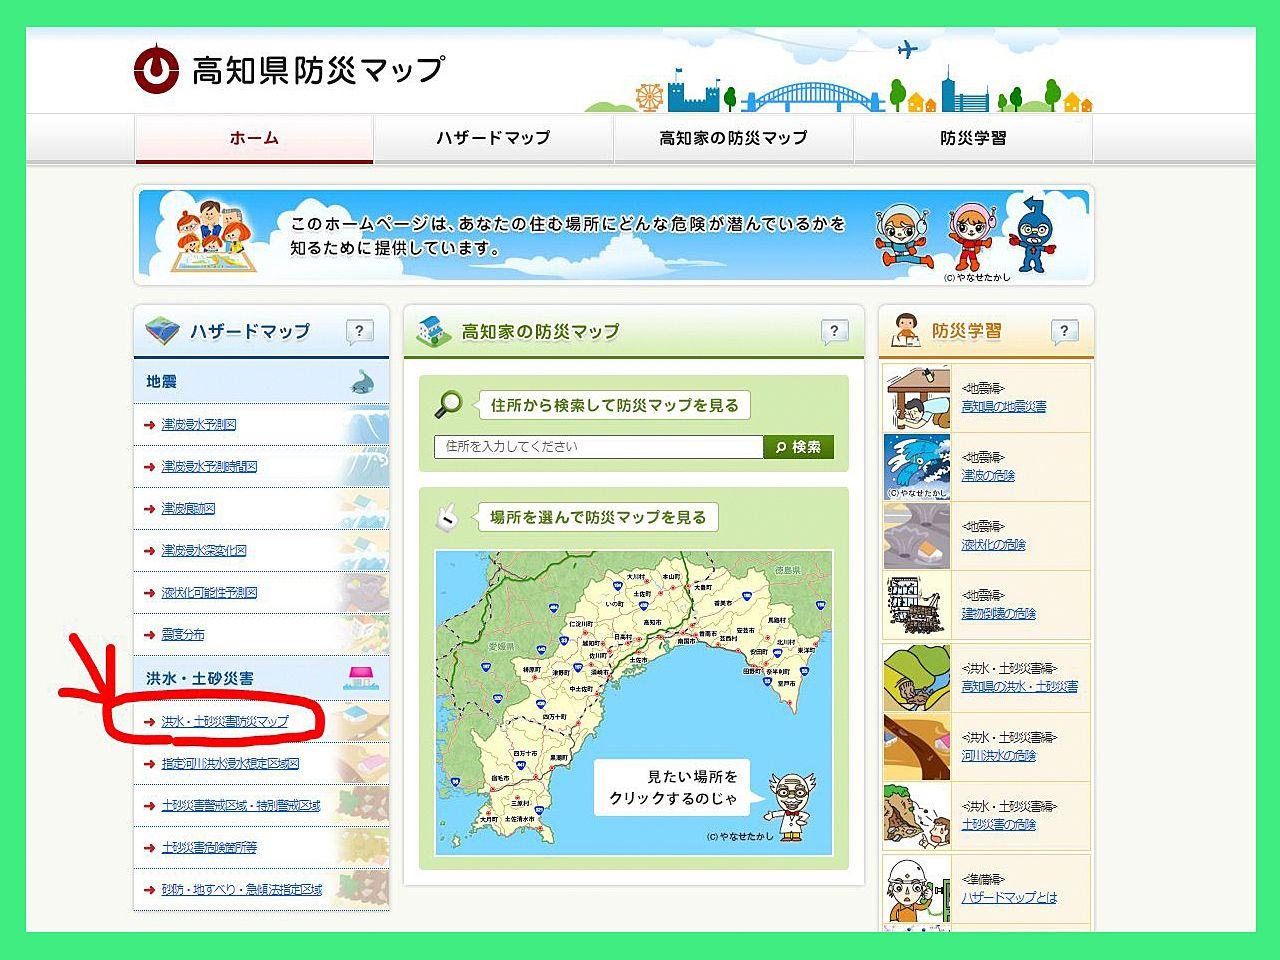 洪水・土砂災害防災マップをクリックすると...